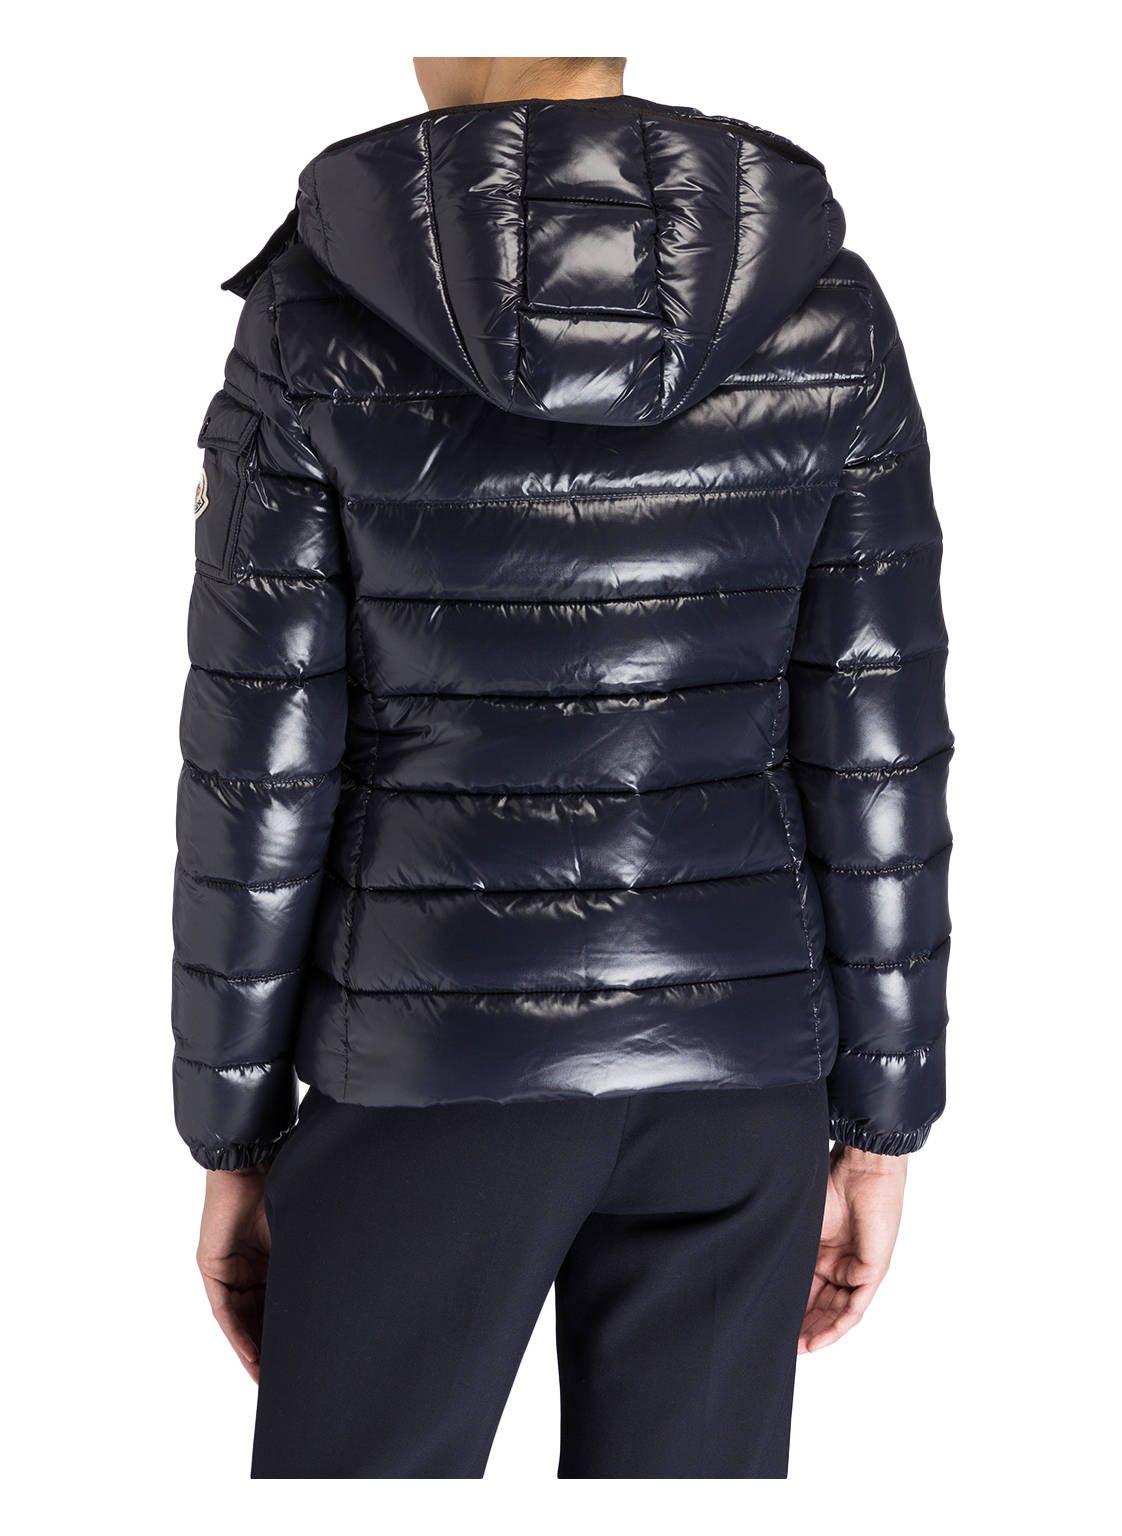 Moncler Daunen Jacke mit Kapuze mit Kapuze XS